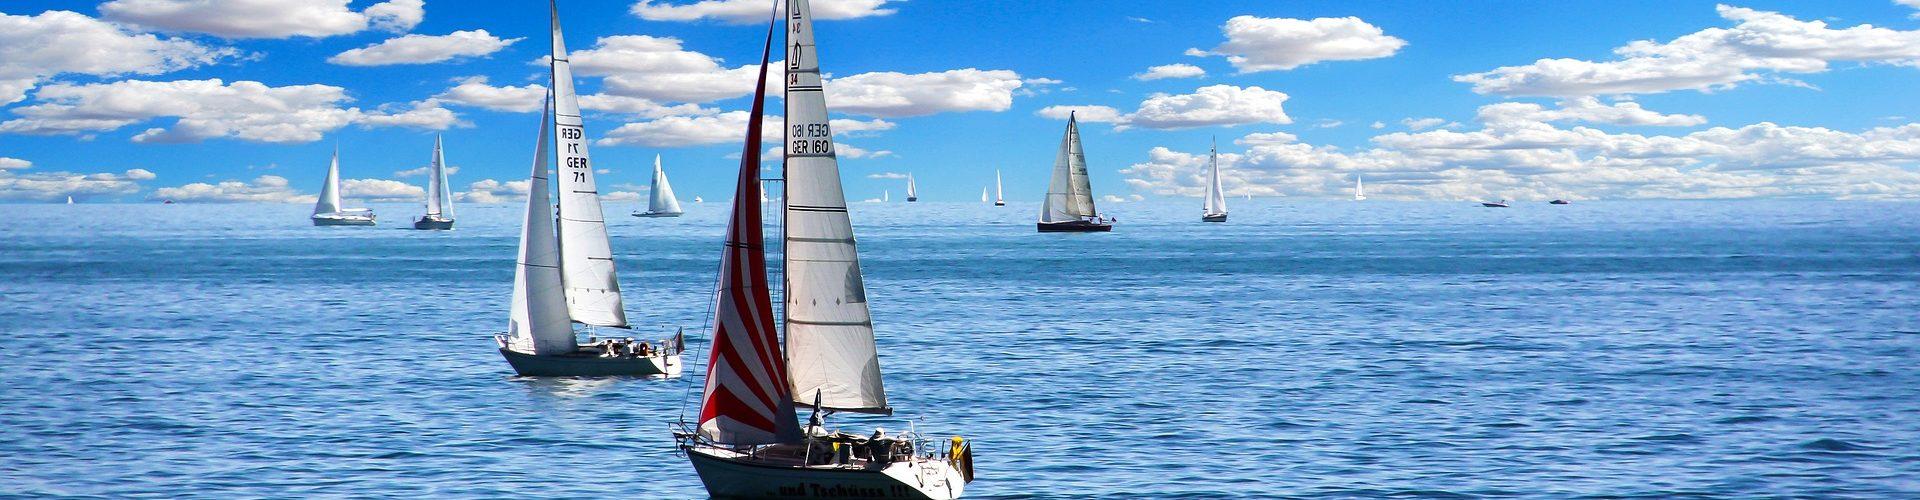 segeln lernen in Bad Abbach segelschein machen in Bad Abbach 1920x500 - Segeln lernen in Bad Abbach